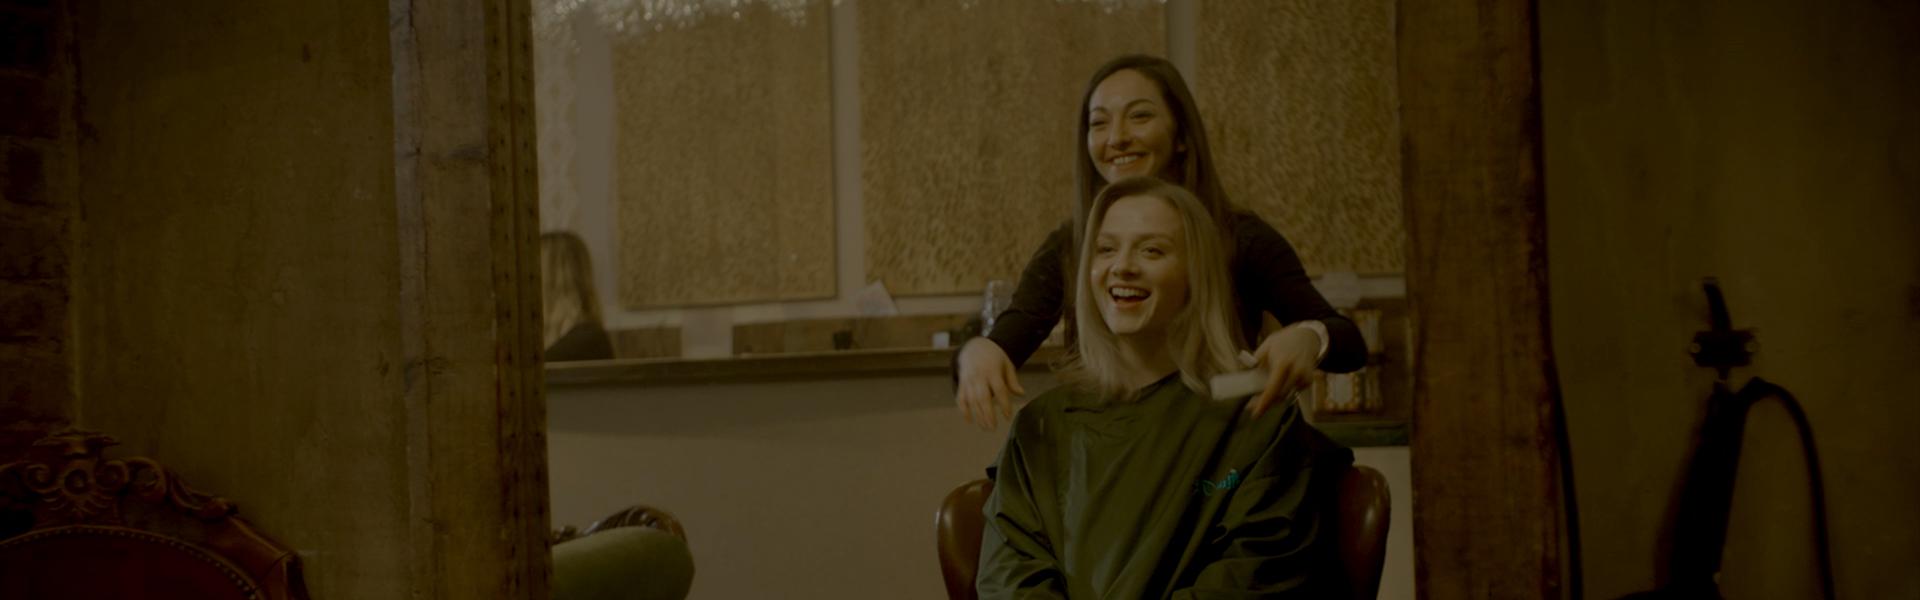 Duas mulheres num salão de cabeleireiro